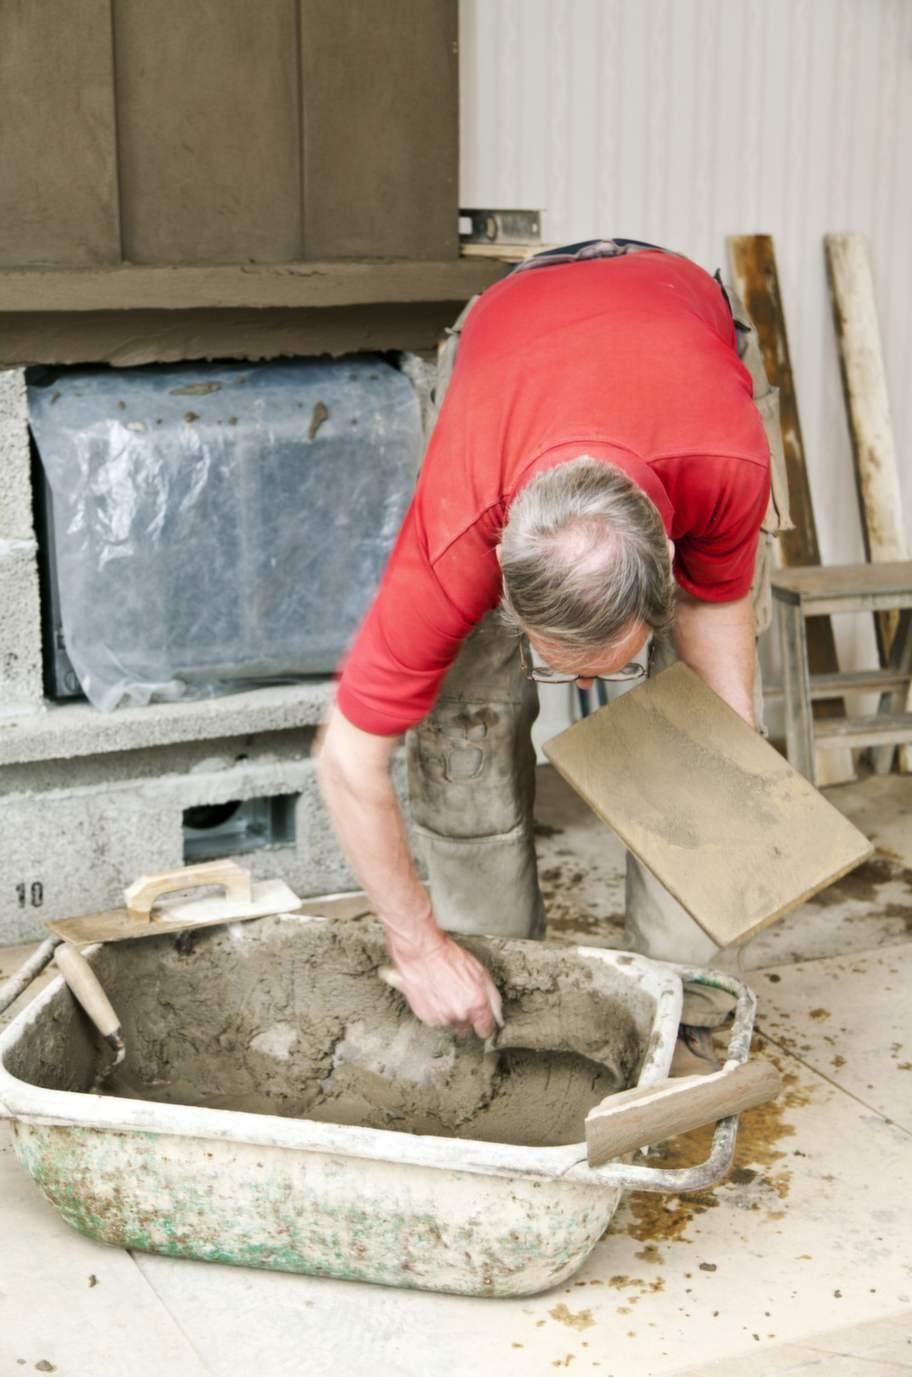 Blanda puts<br>Här blandas det putsbruk för nu är det dags för lite  finlir. Hela murspisen ska putsas. Ytan ska bli slät och jämn. Använder  du färdigblandad mur- och putsbruk behöver bara vatten tillsättas.